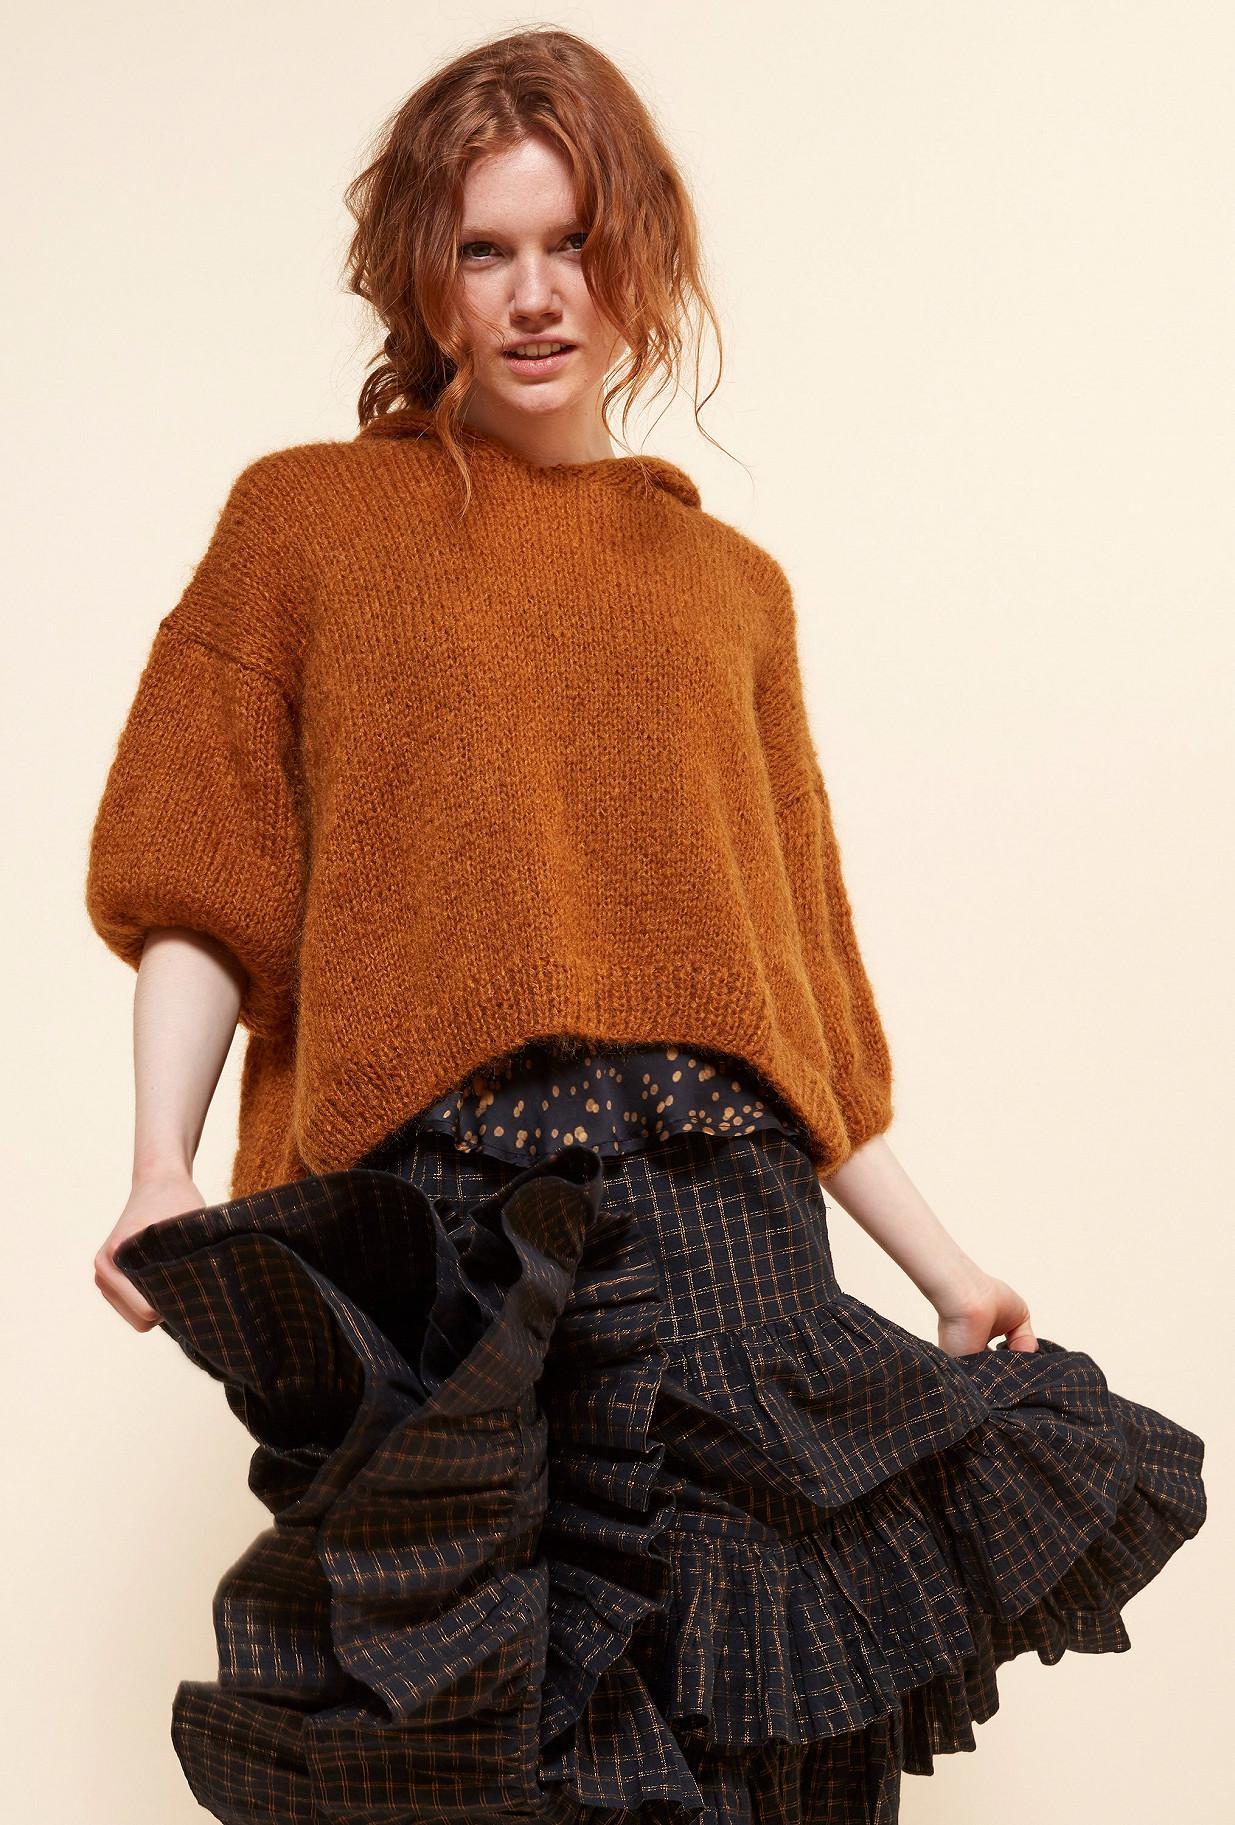 Paris boutique de mode vêtement Maille créateur bohème  Jedi